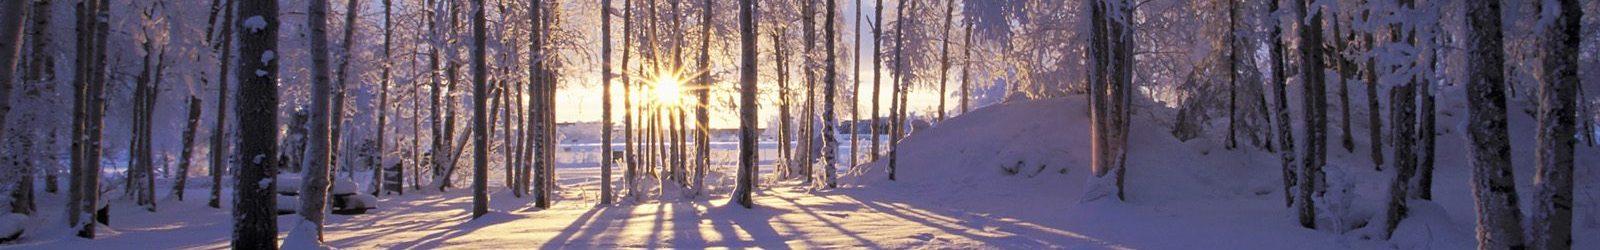 SPECIALE CLIMA: l'inverno e la domotica